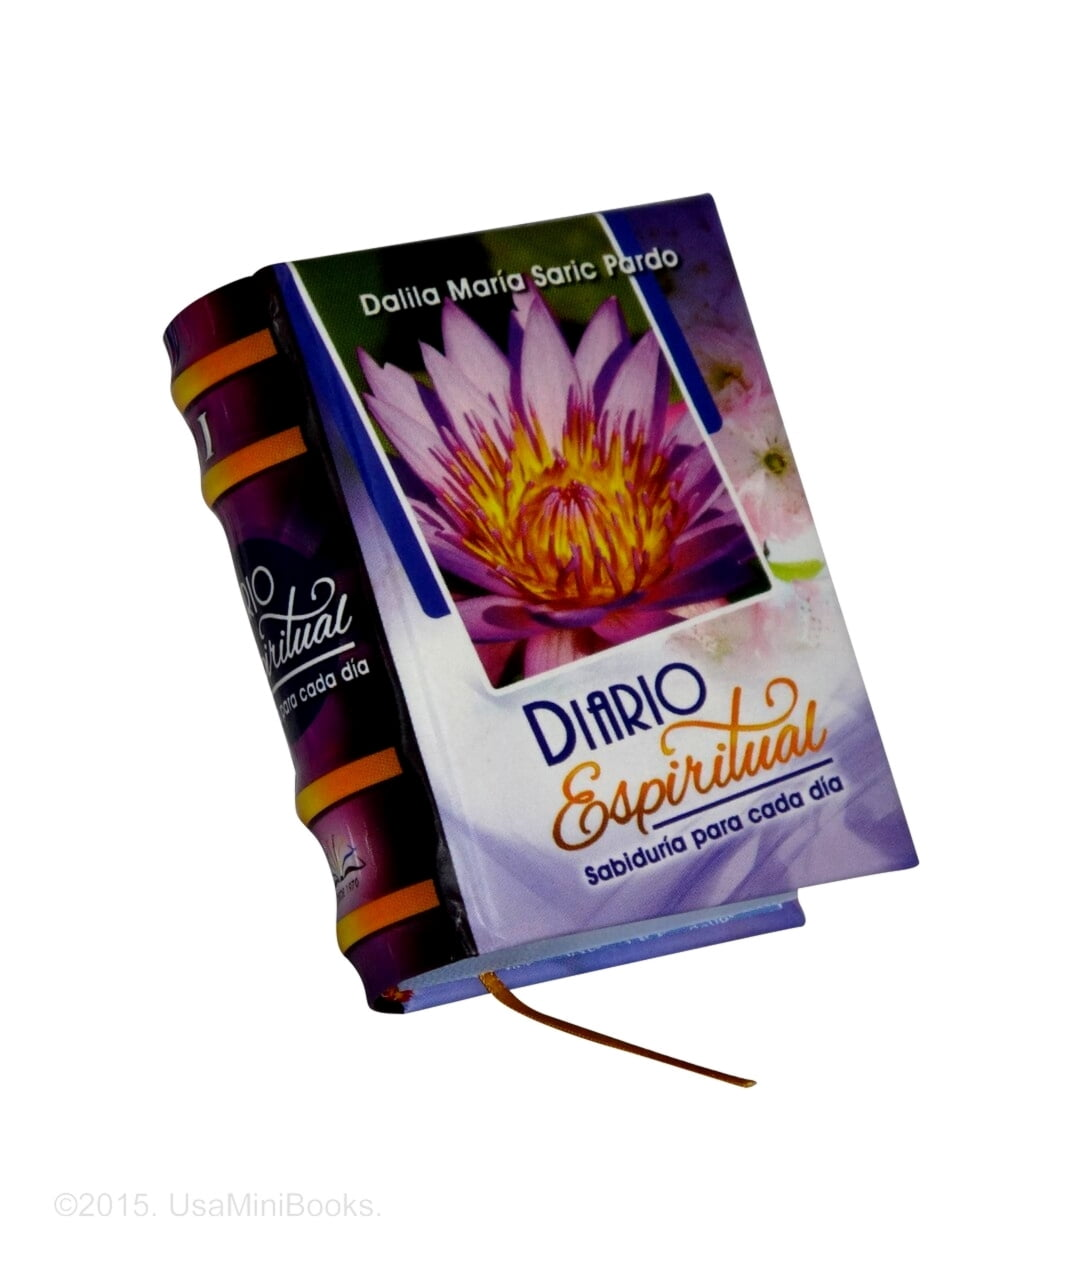 Diario_Espiritual-miniature-book-libro